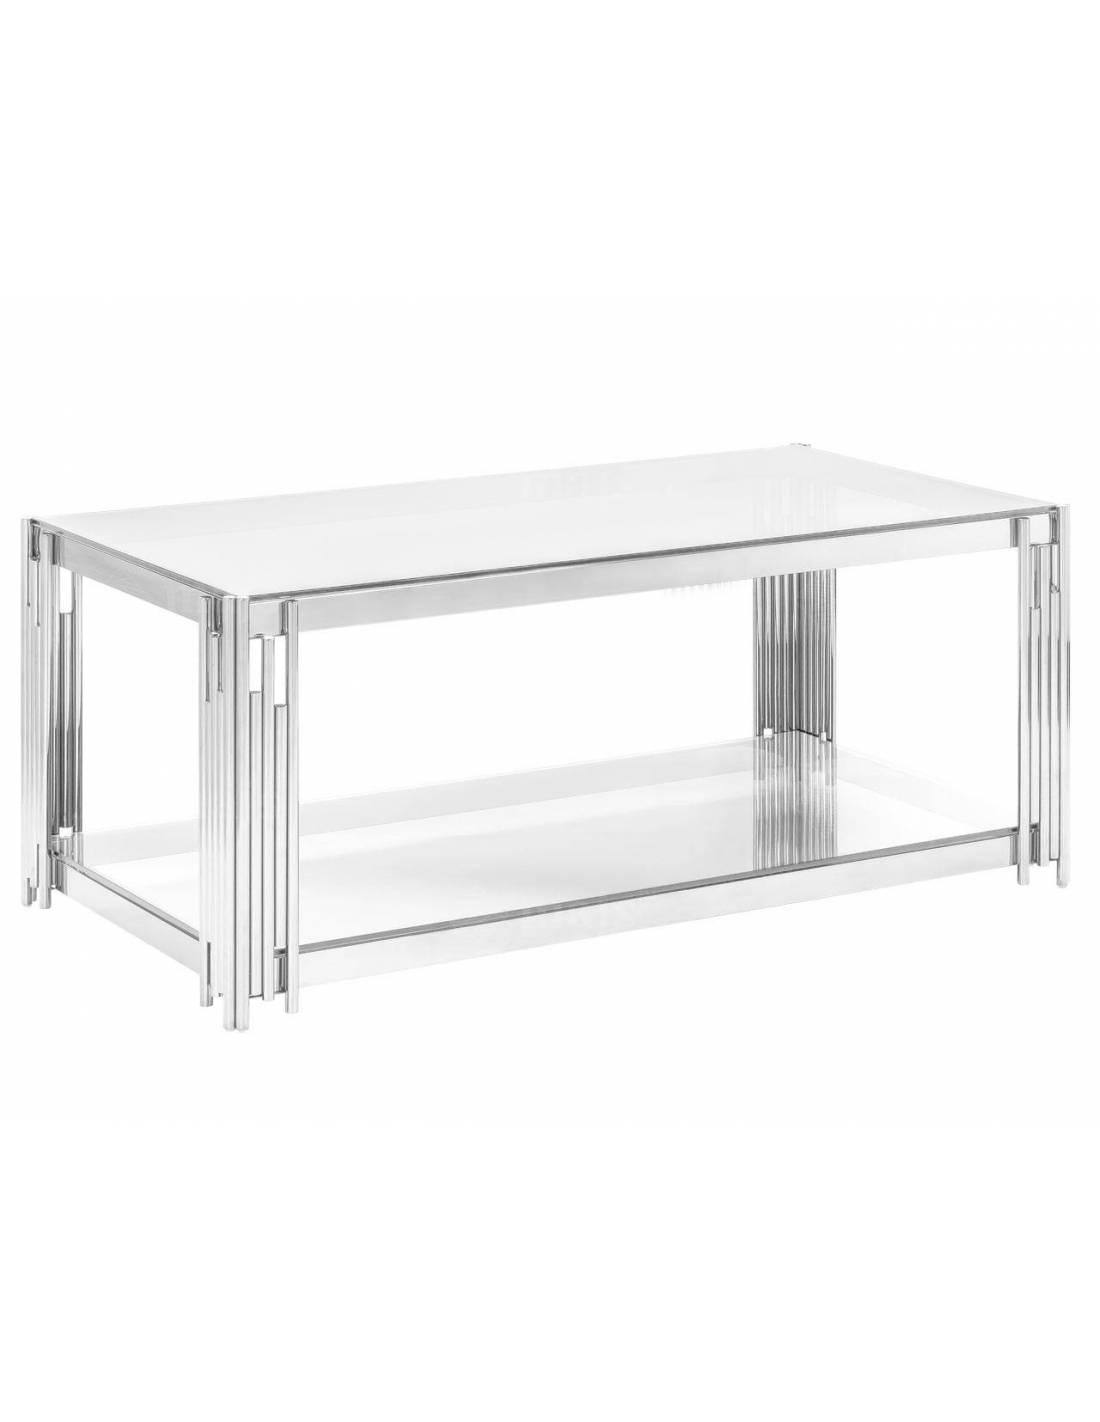 Metalowy stolik kawowy z blatem szklanym i zdobionymi narożnikami